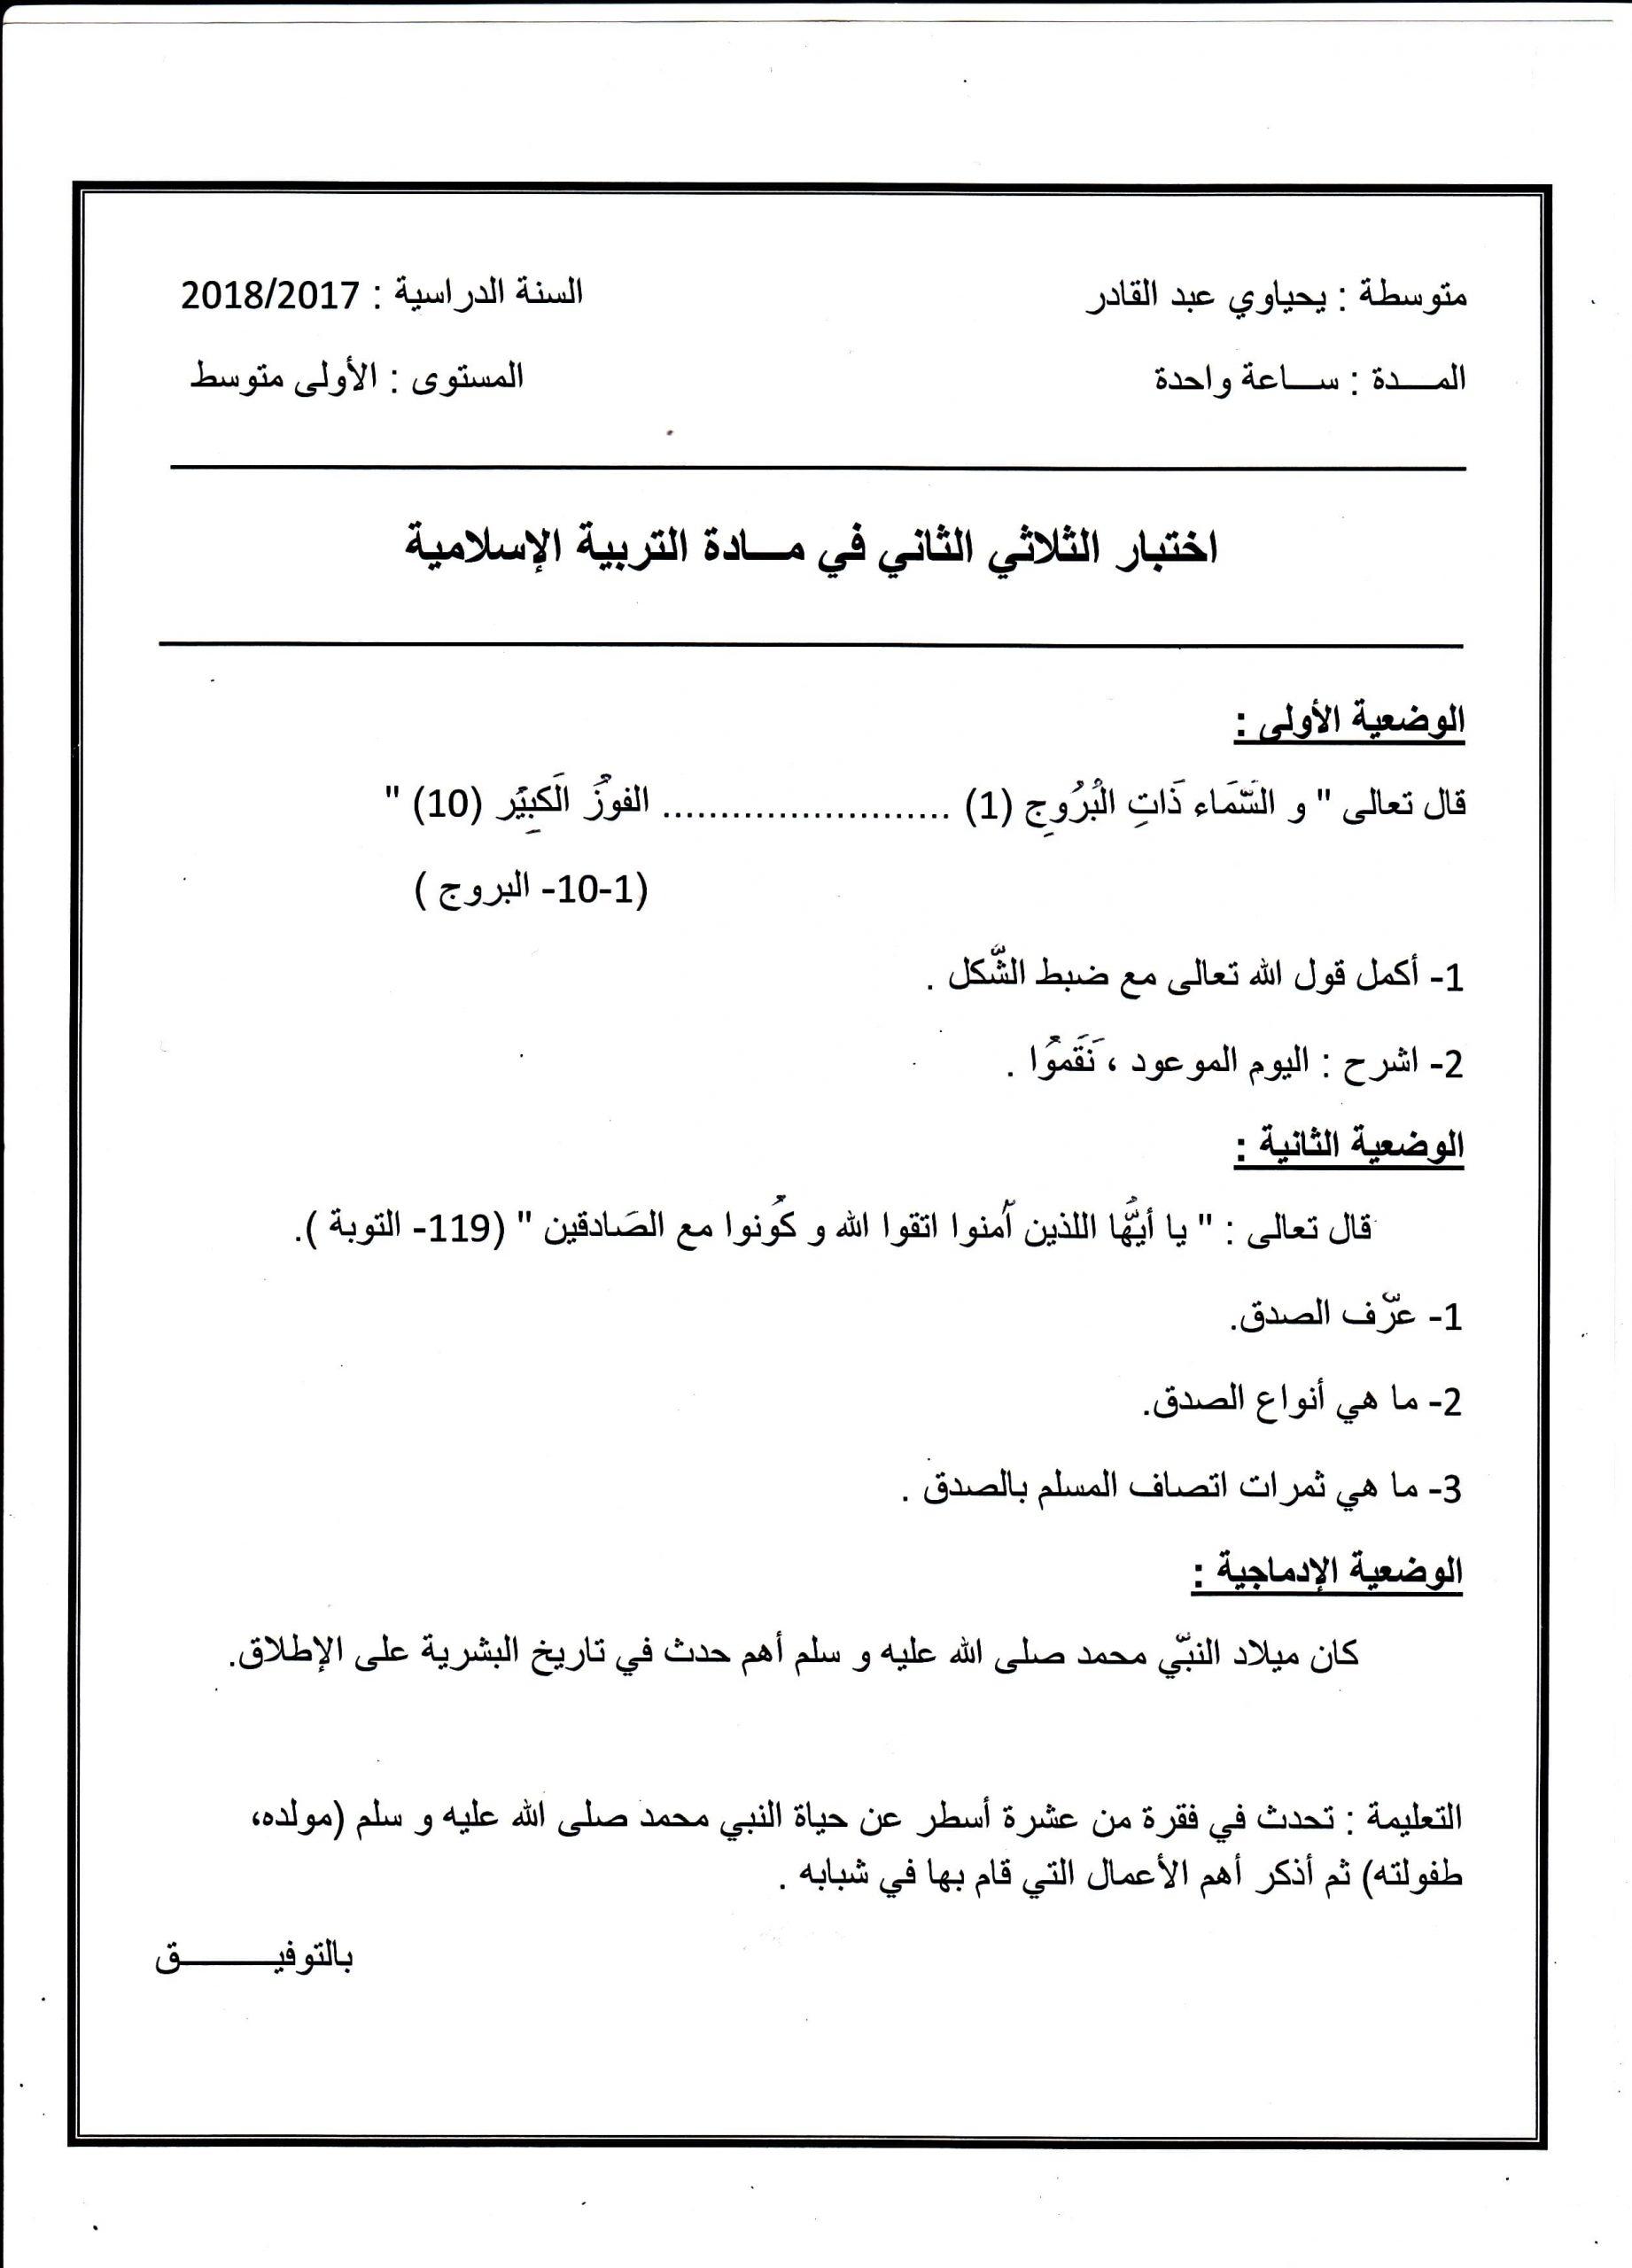 اختبار الفصل الثاني في العلوم الاسلامية للسنة الأولى متوسط - الموضوع 01